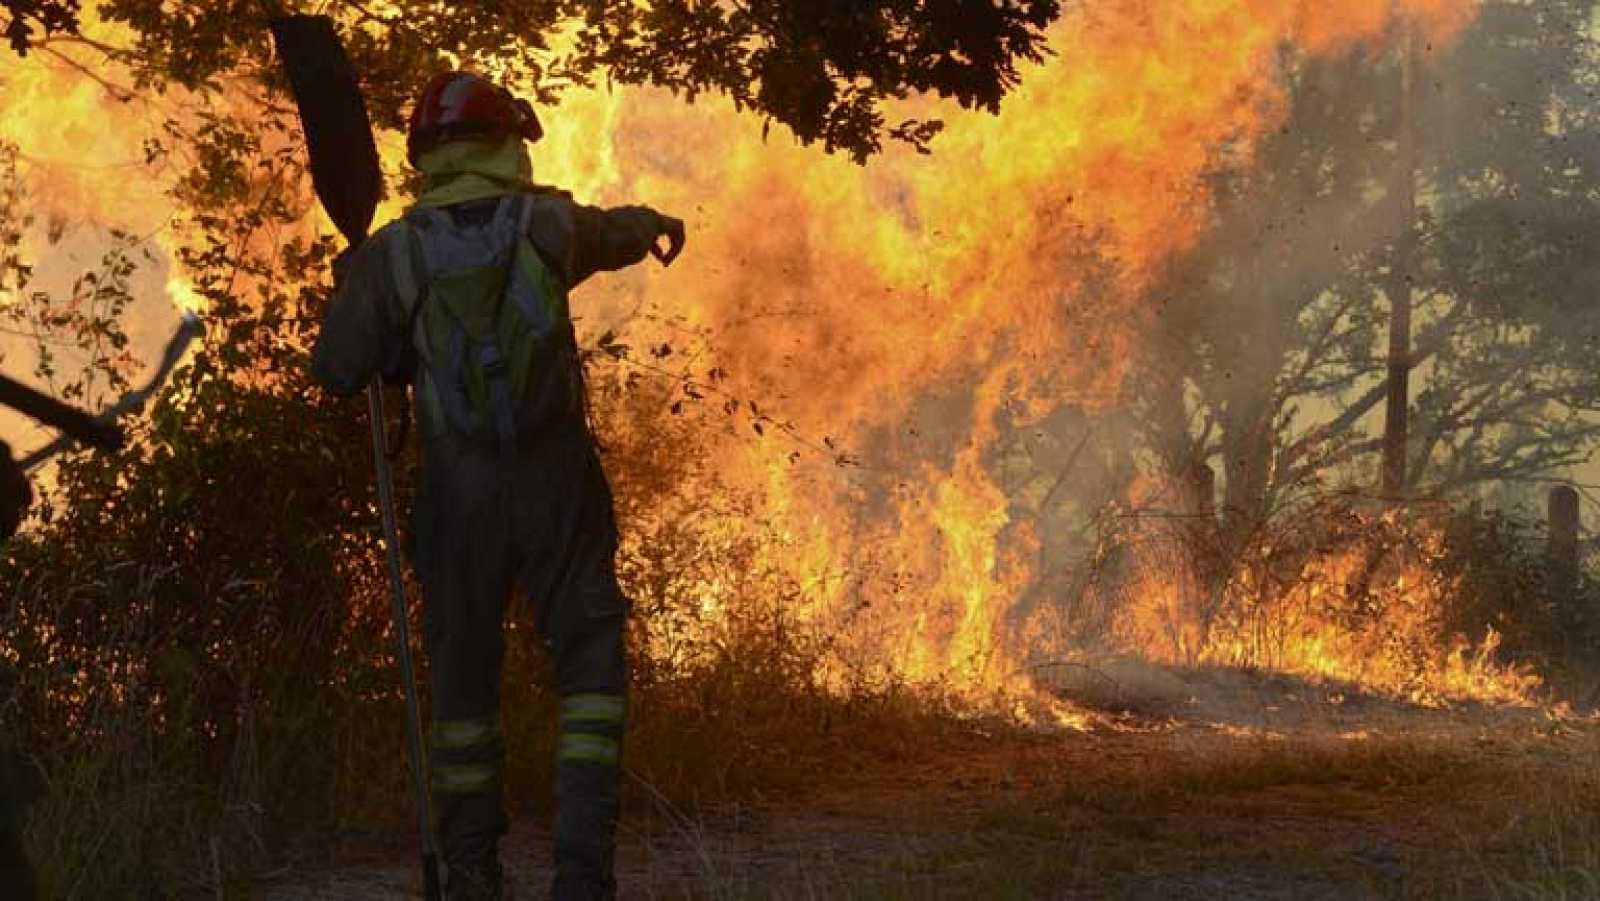 Detenido un guardia civil como presunto autor de una veintena de incendios en la sierra de Madrid